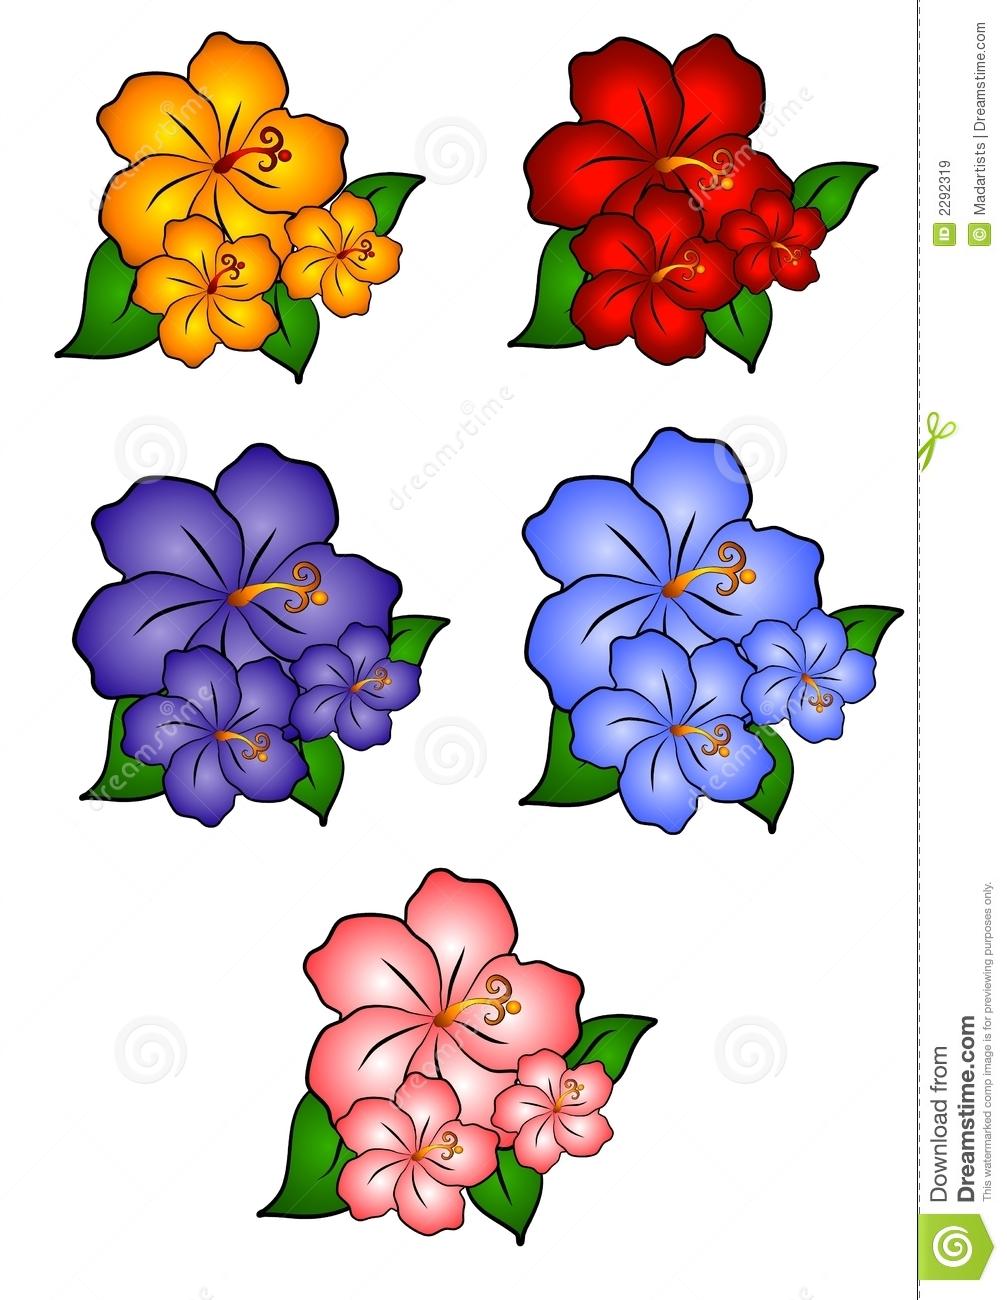 free hawaiian clip art clipart panda free clipart images rh clipartpanda com free hawaiian birthday clip art free hawaiian clip art images